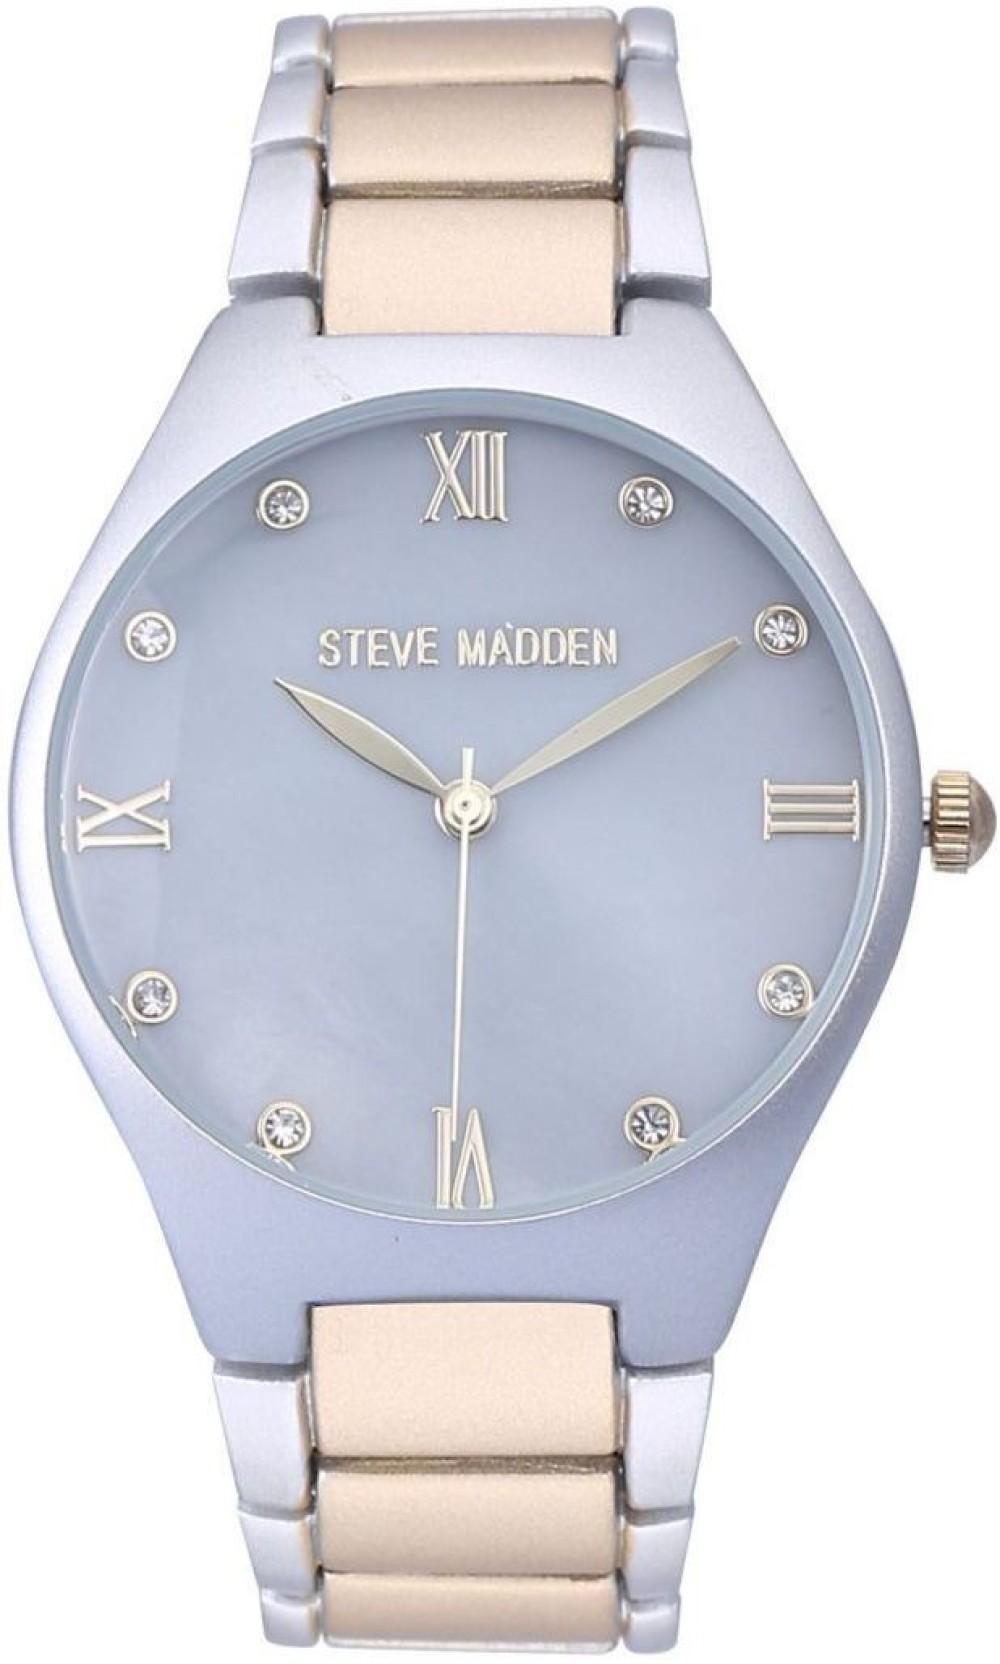 ae1f3d5a9ed Steve Madden SMW070Q-M1 Watch - For Women - Buy Steve Madden SMW070Q ...